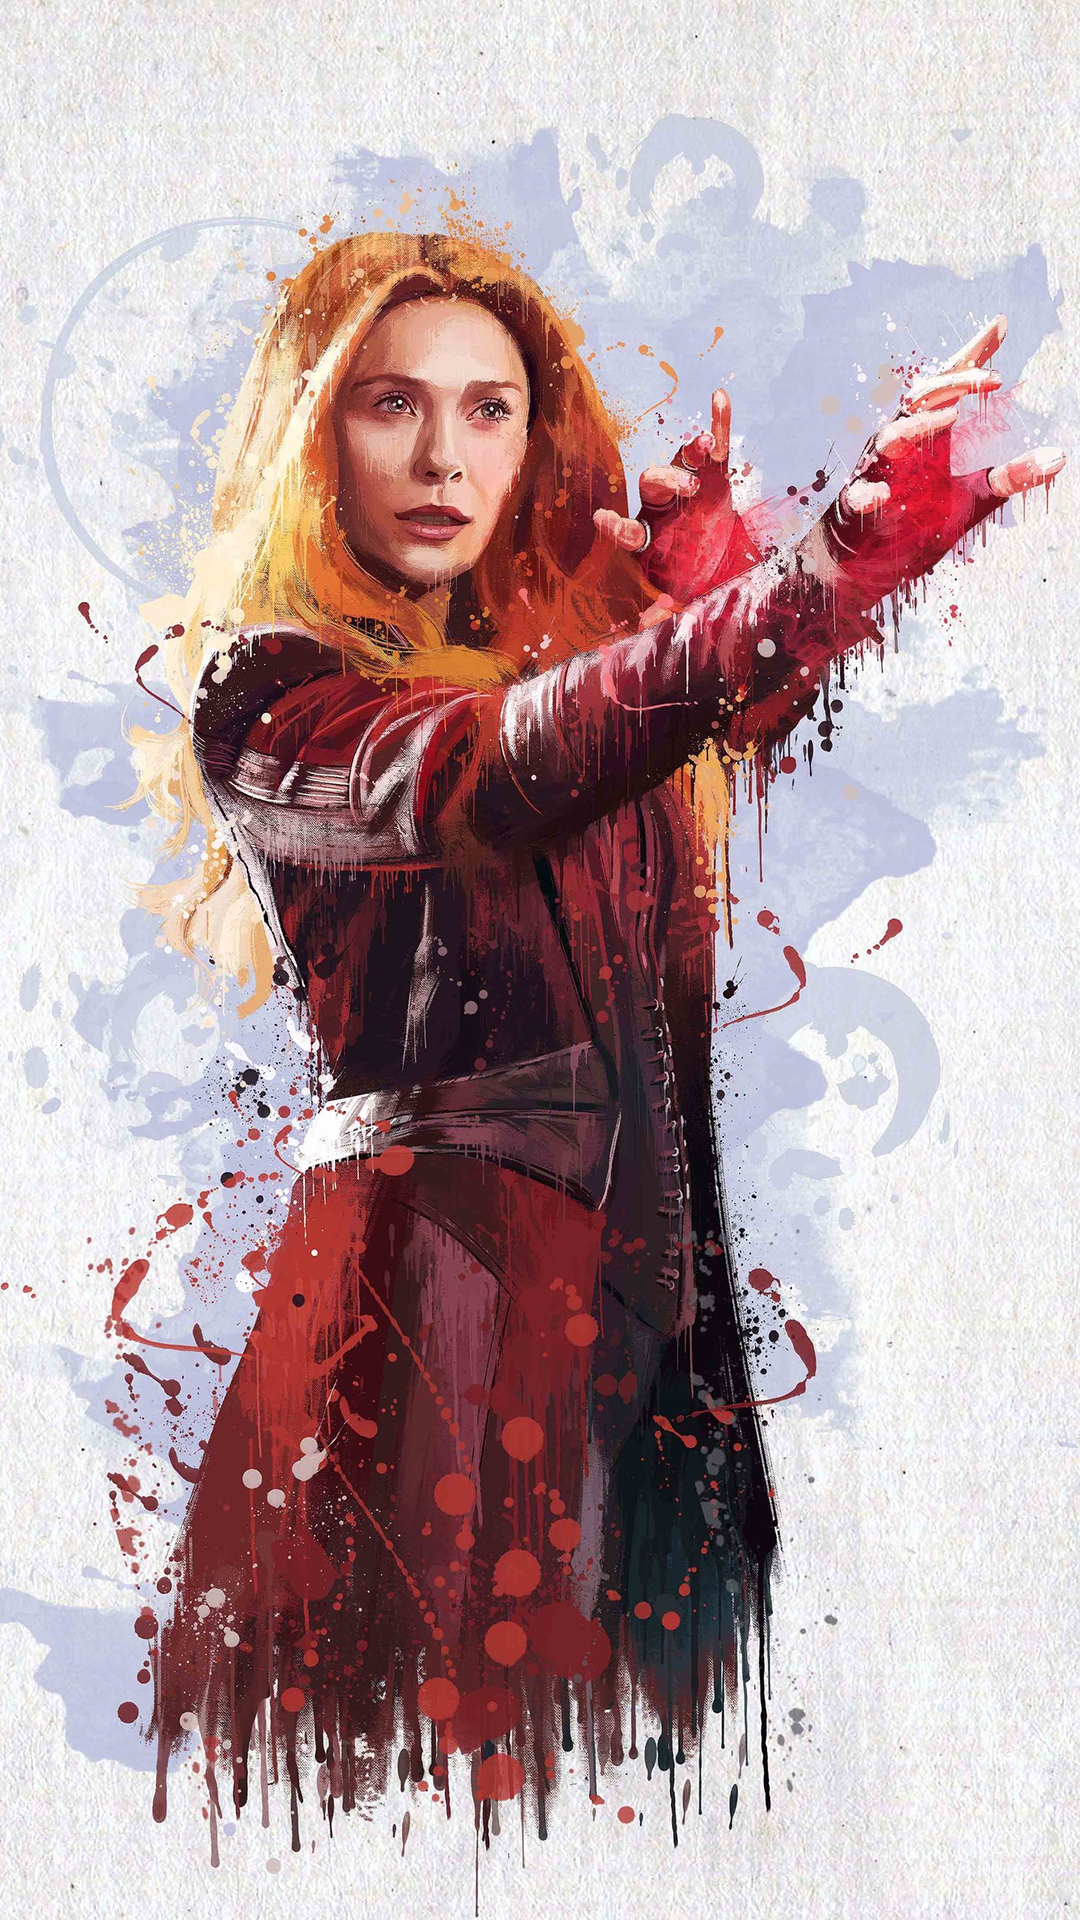 复仇者联盟3 旺达·马克西莫夫 绯红女巫 苹果手机 x图片